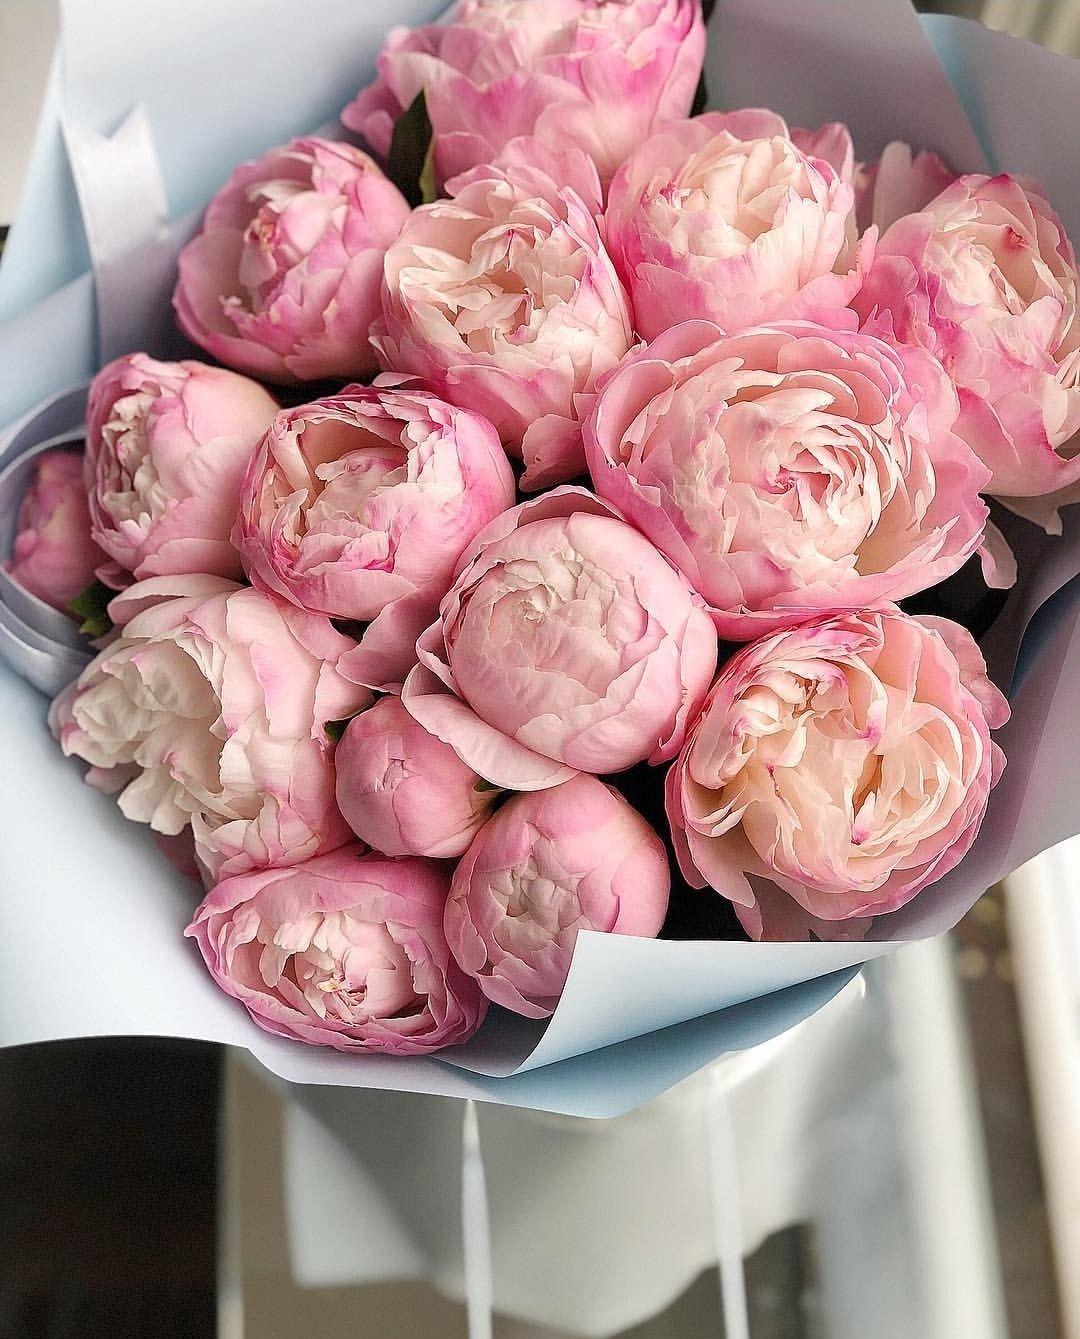 Цветы пионы фото красивые картинки закрепил